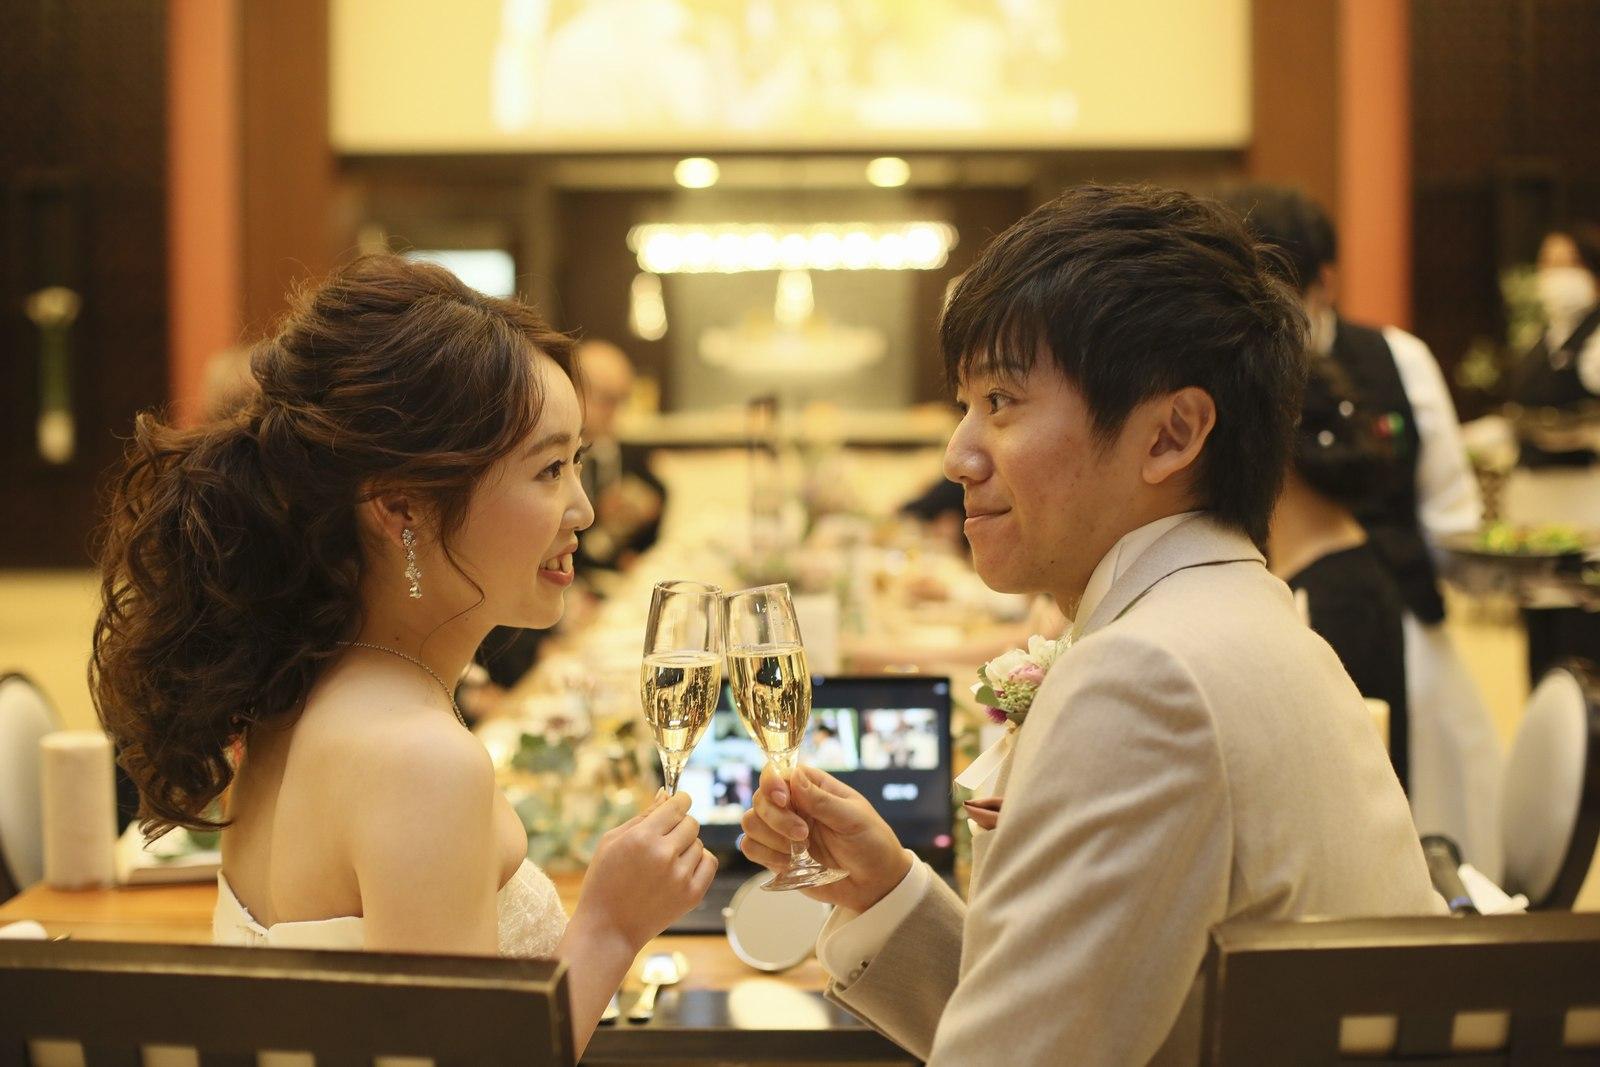 徳島県の結婚式場ブランアンジュのリモートウエディング会場で見つめ合う新郎新婦